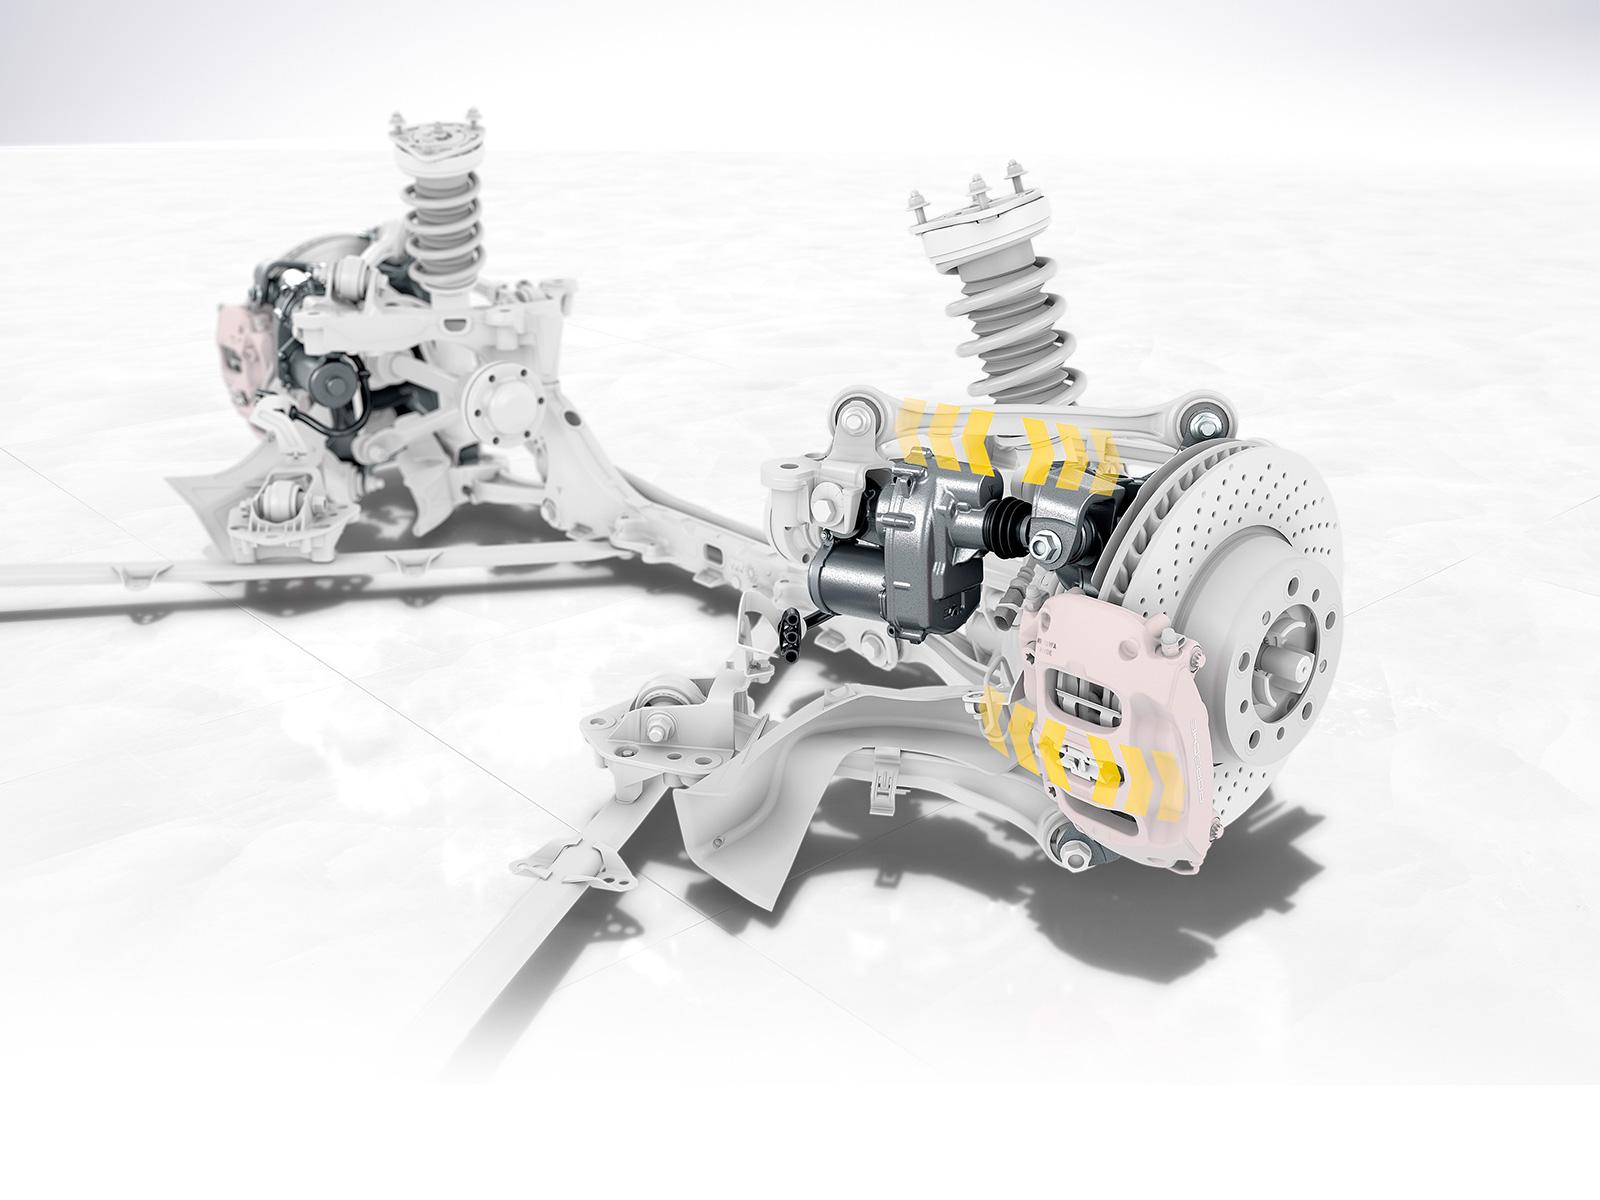 Hinterachslenkung Porsche Fahrwerkentwicklung